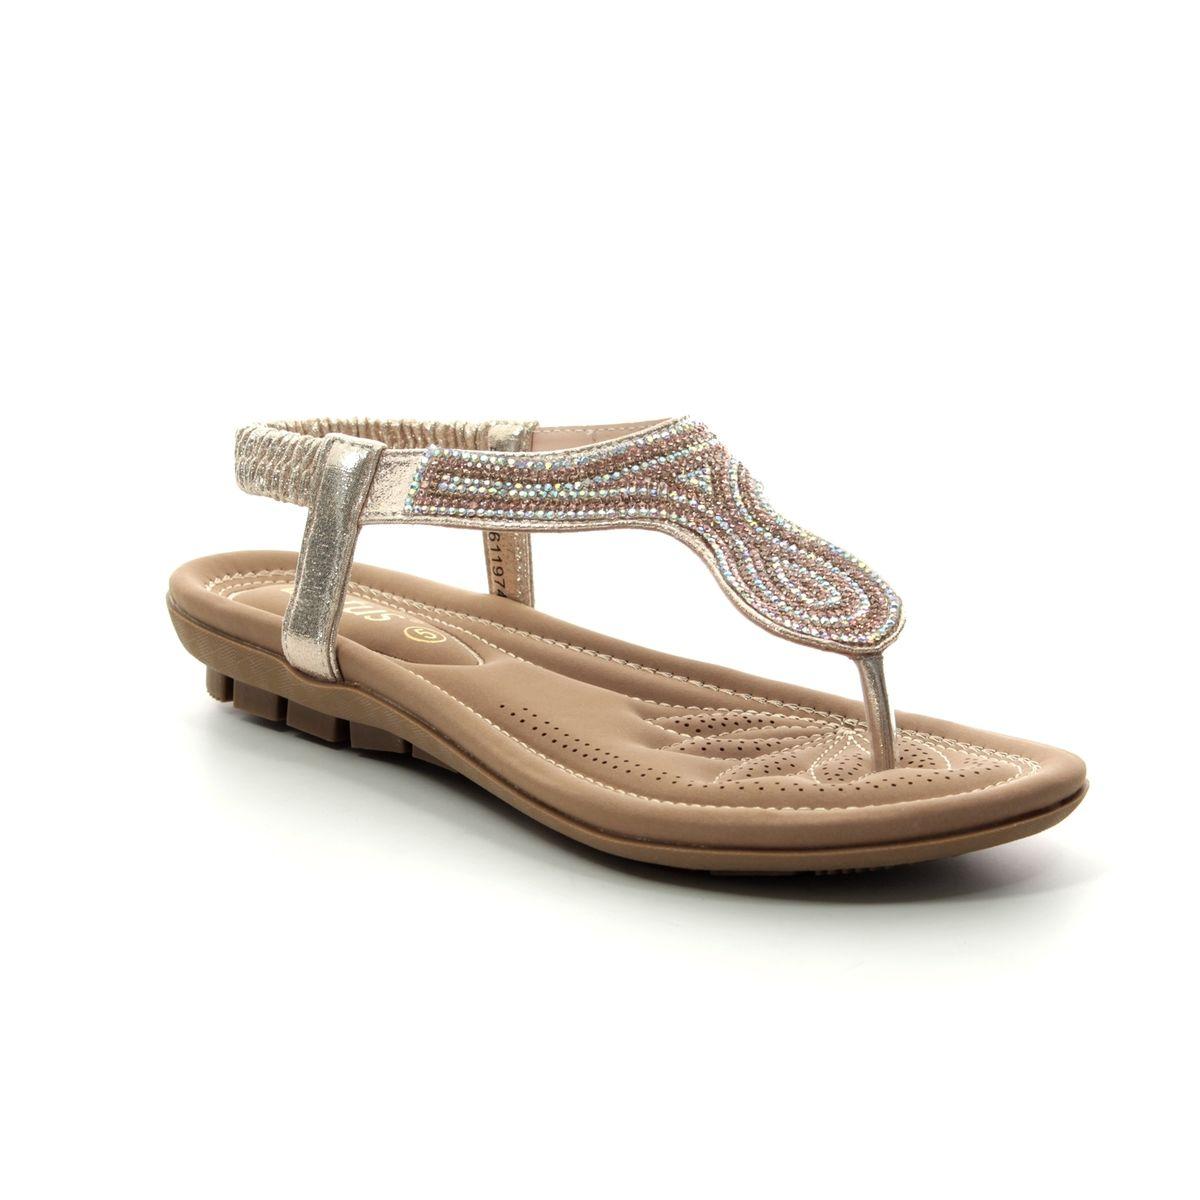 daa7f67731dd Lotus Flat Sandals - Gold - ULP011 26 DELIA